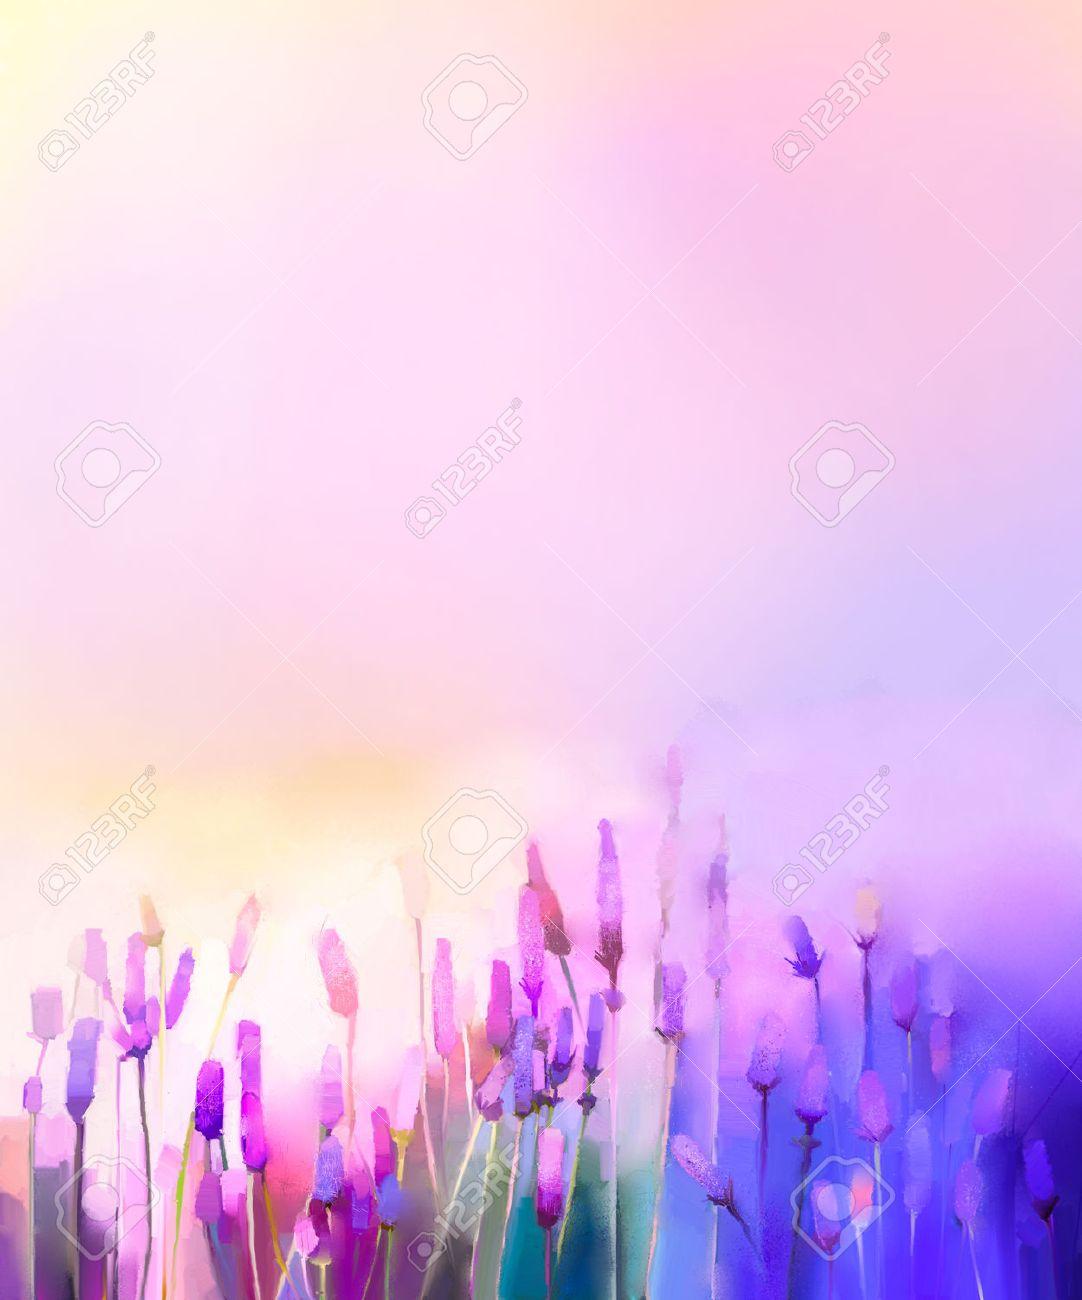 Couleur Lavande Peinture peinture à l'huile de fleurs de lavande violette dans les prés